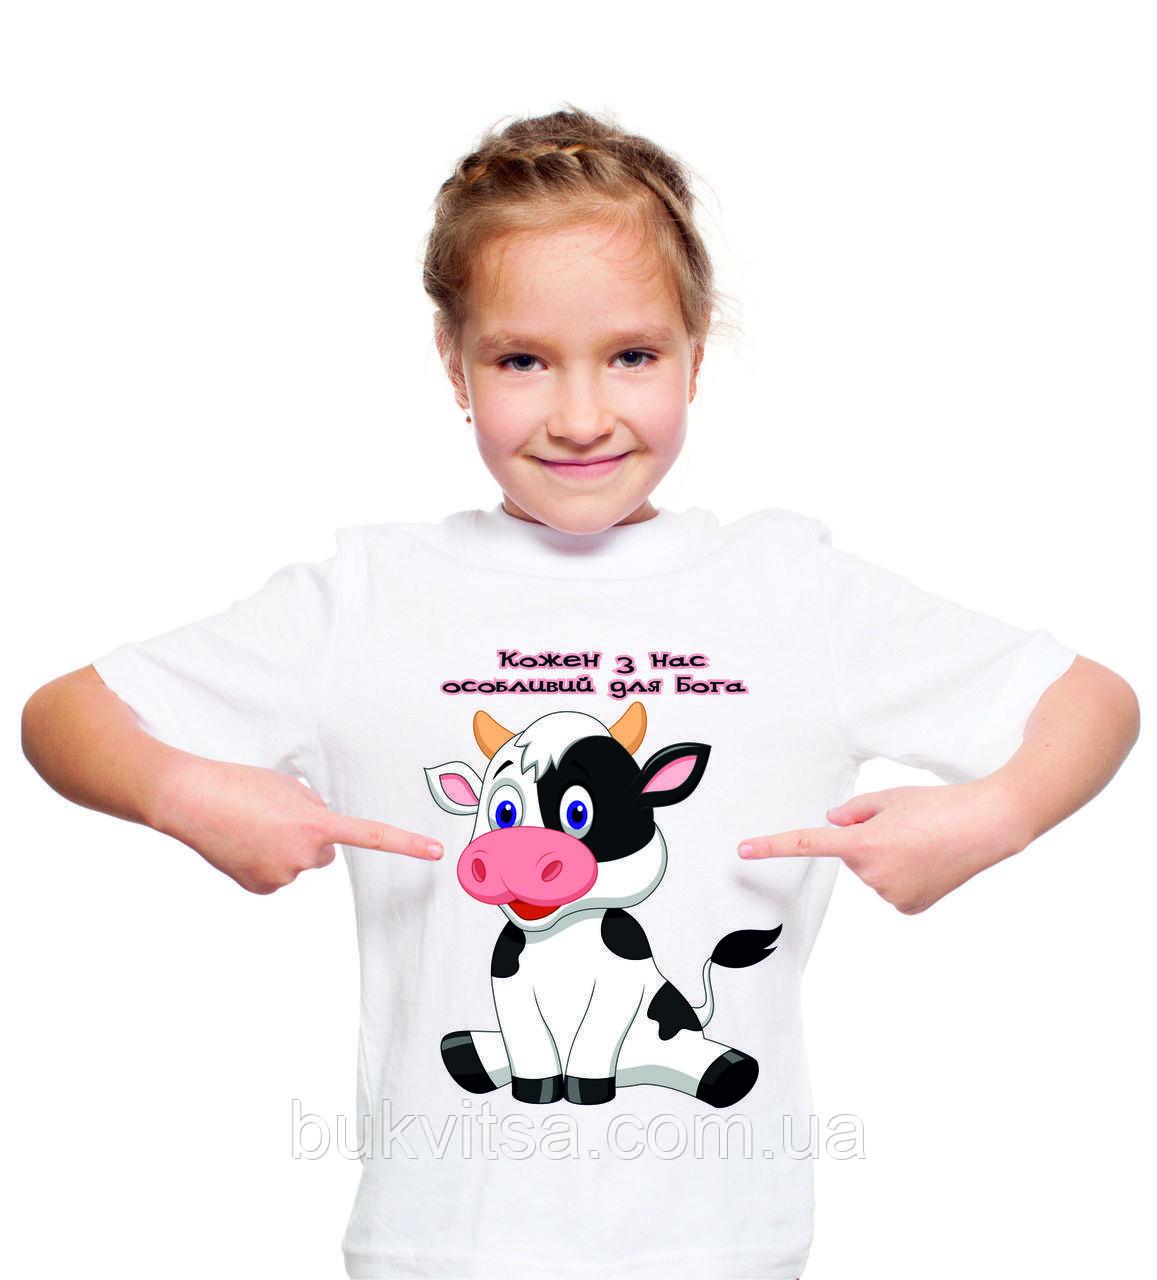 """Дитяча футболка """"Кожен з нас особливий для Бога"""""""